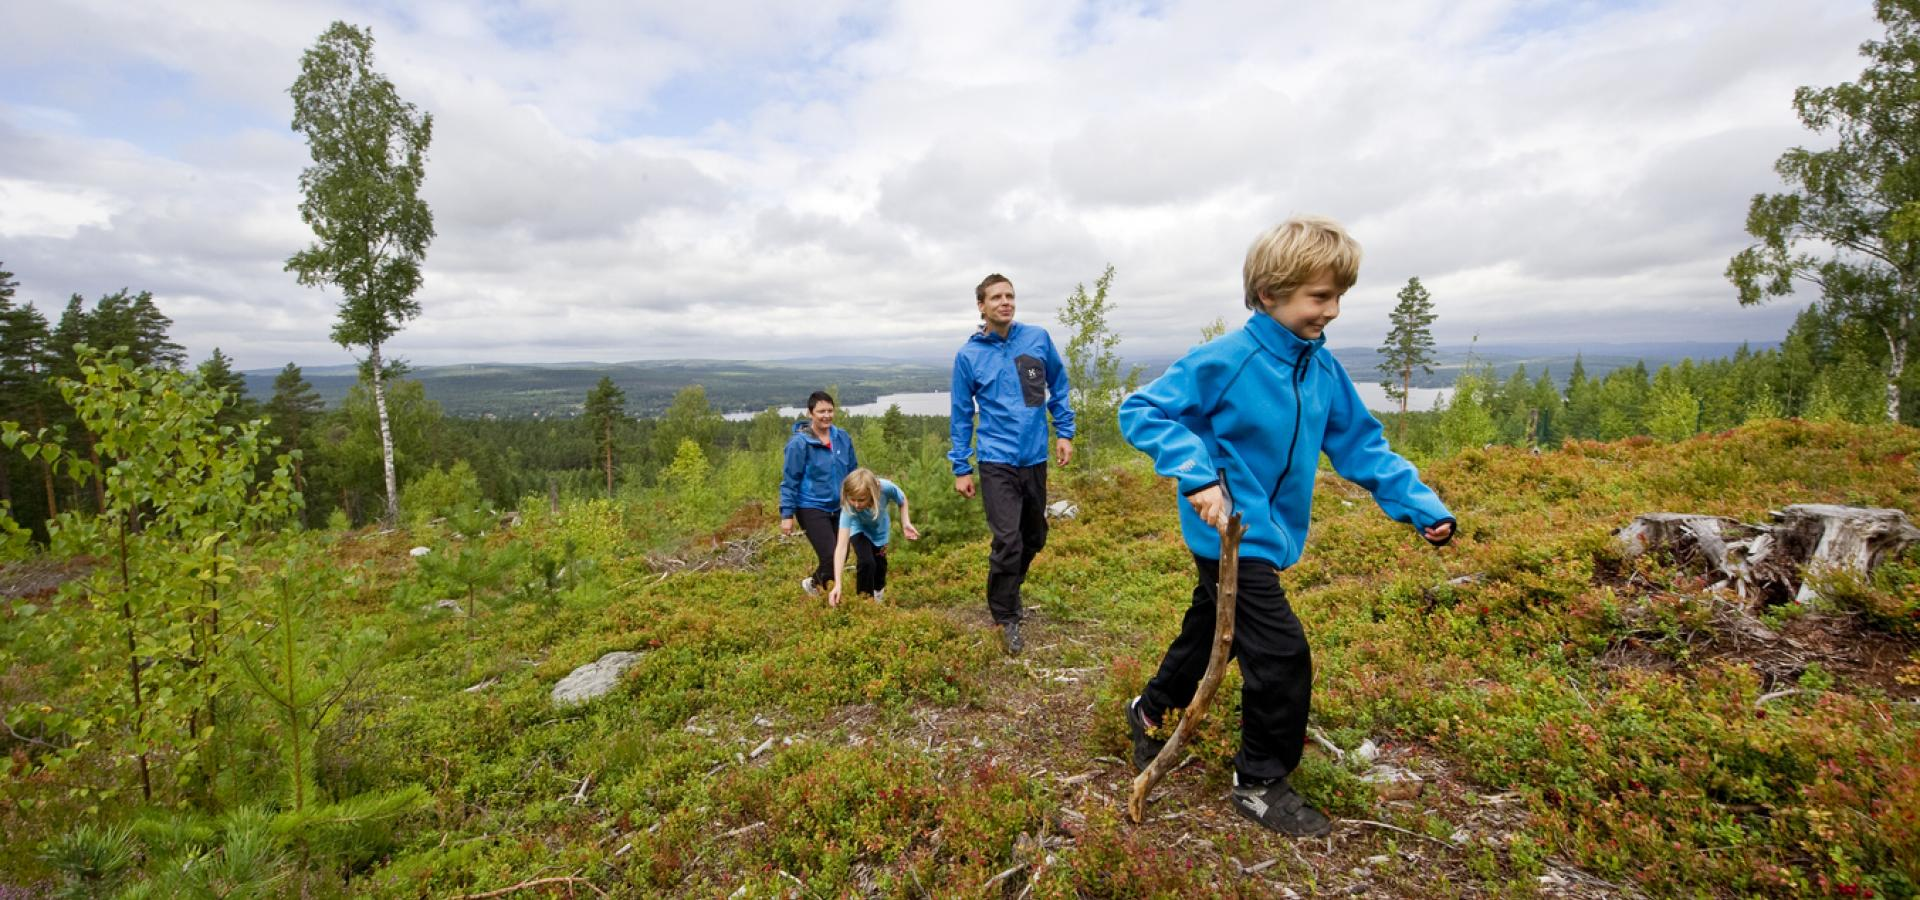 Barnvänlig vandring i Dalarna | Visit Dalarna